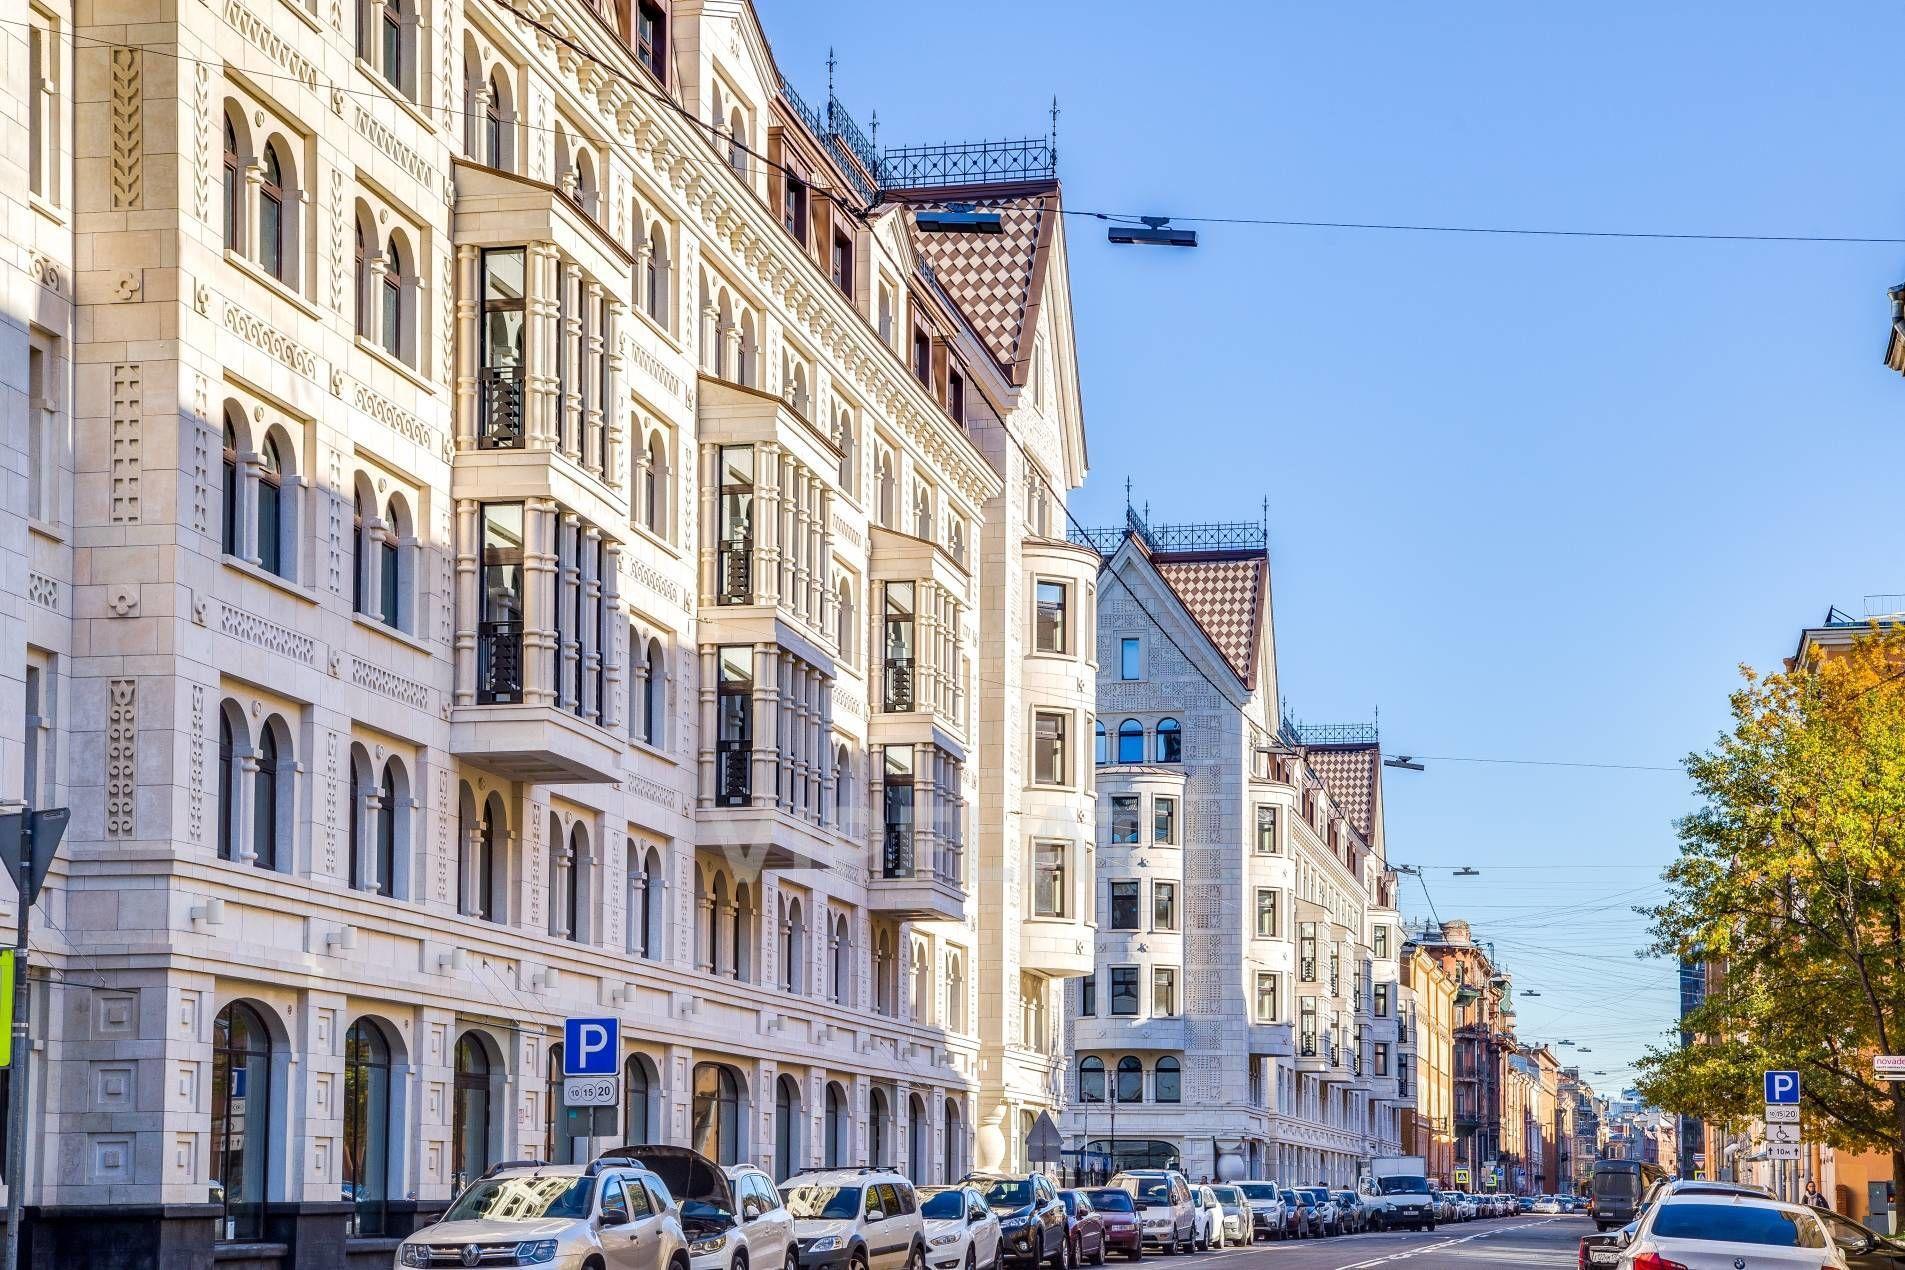 Продажа элитных квартир Санкт-Петербурга. Басков пер., 2 Фасад дома